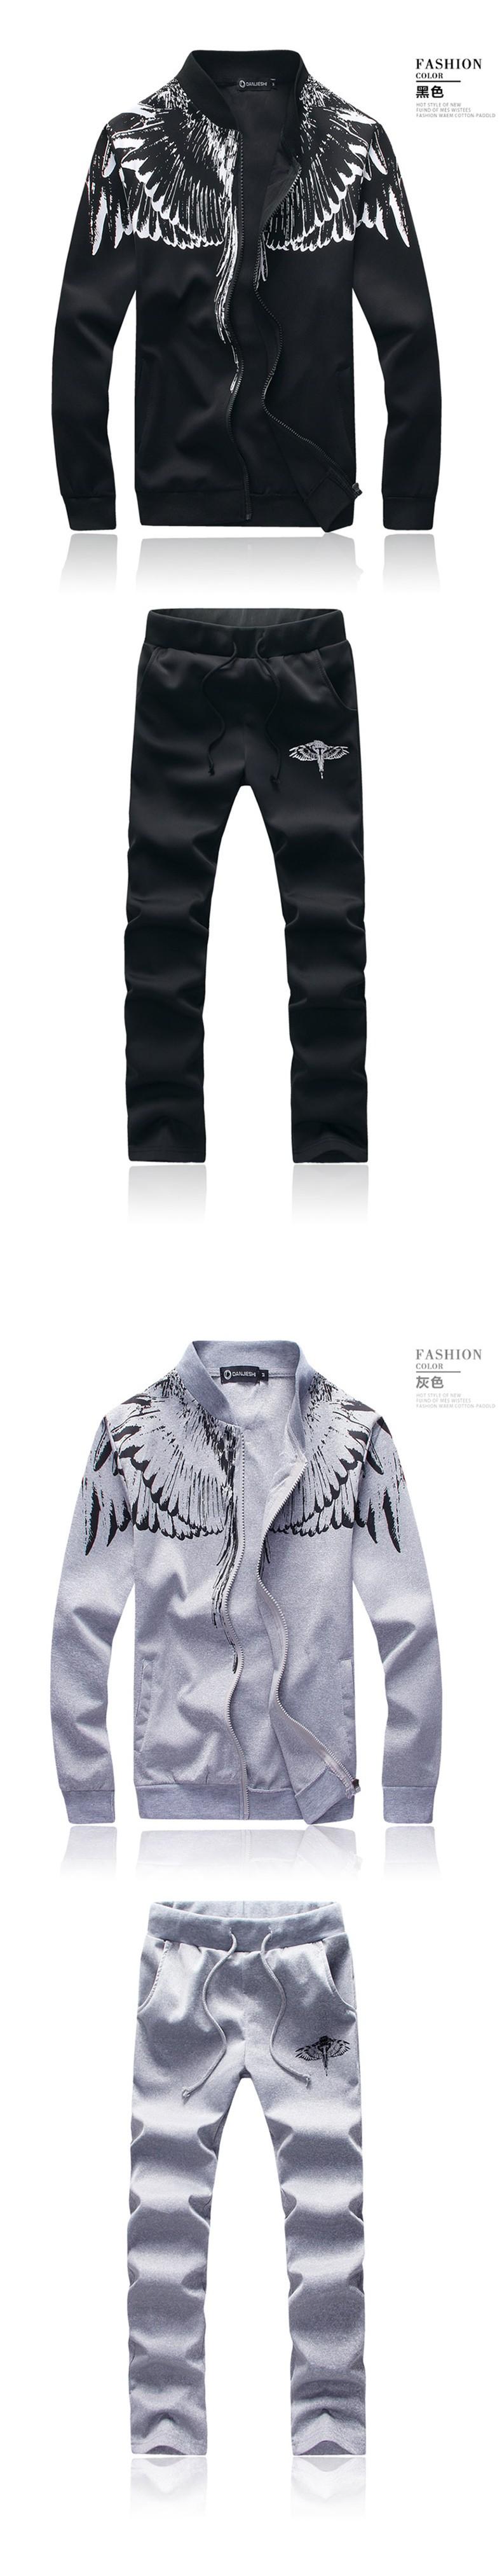 Marka-Odzież Dres Dorywczo SportSuit Męskie Odzieży Męskiej Mody Wiosna/Jesień Bluzy/Bluzy Żakiet + Spodnie Dres Polo 2016 4